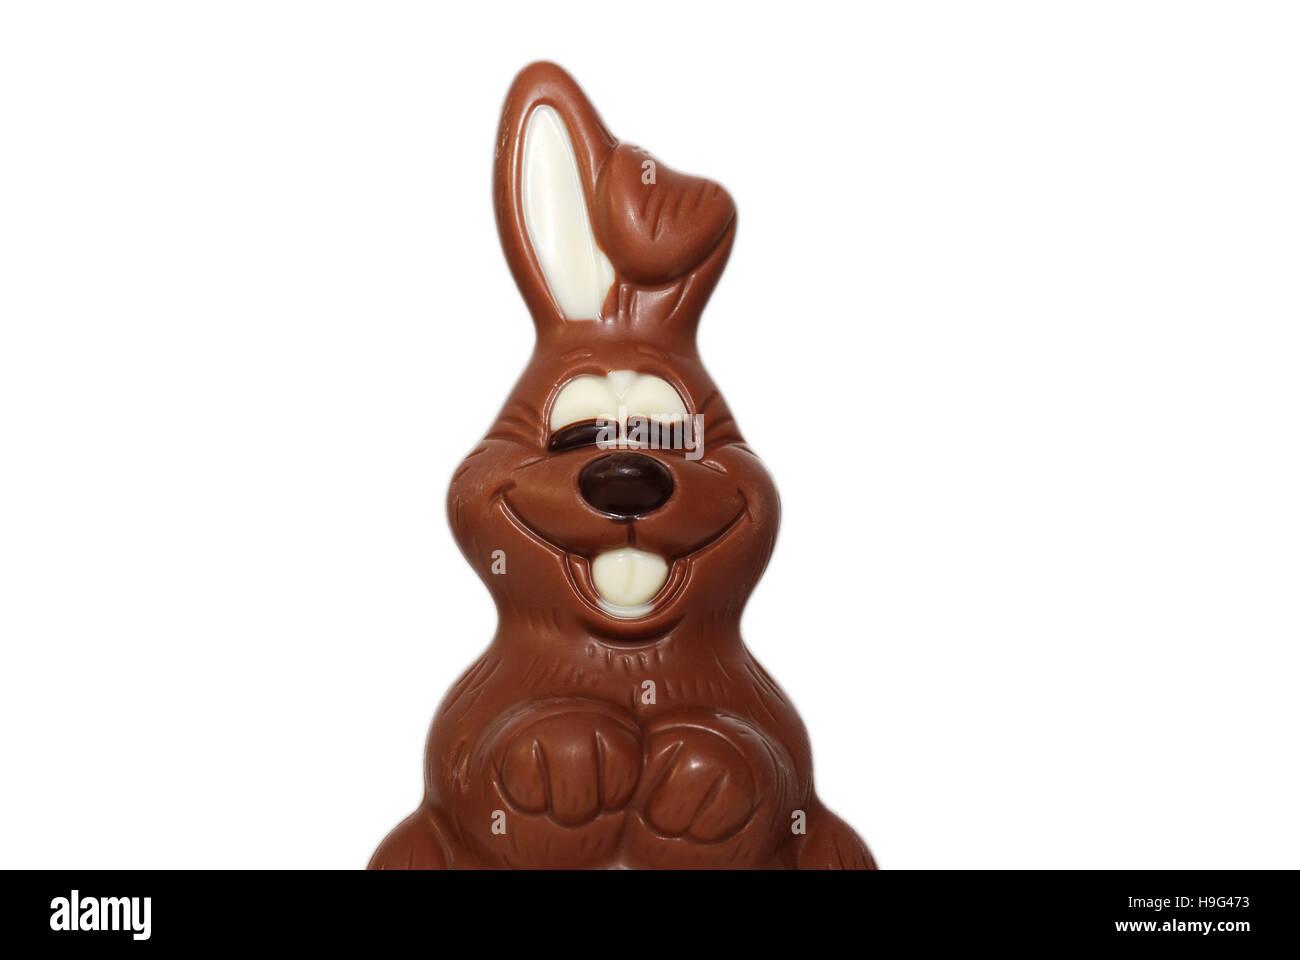 Detalle de conejitos de chocolate Foto de stock